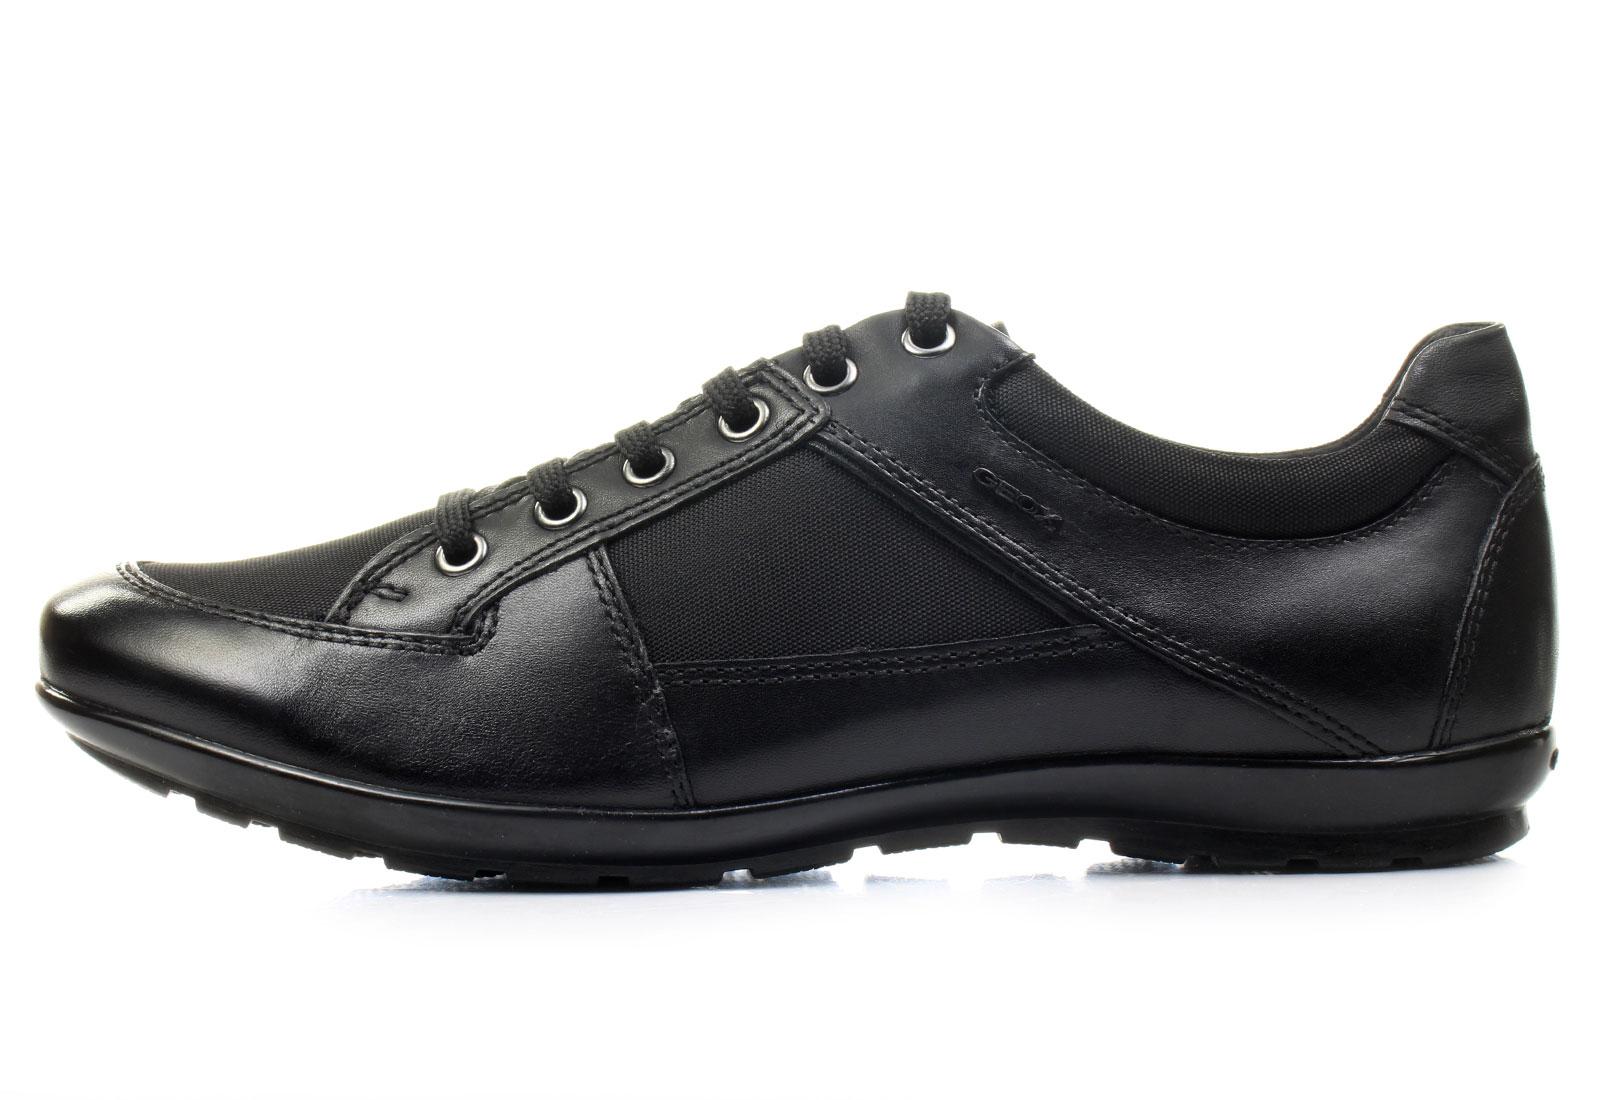 Geox Półbuty - Symbol - A5A-4311-9999 - Obuwie i buty damskie ... 017a9819c0